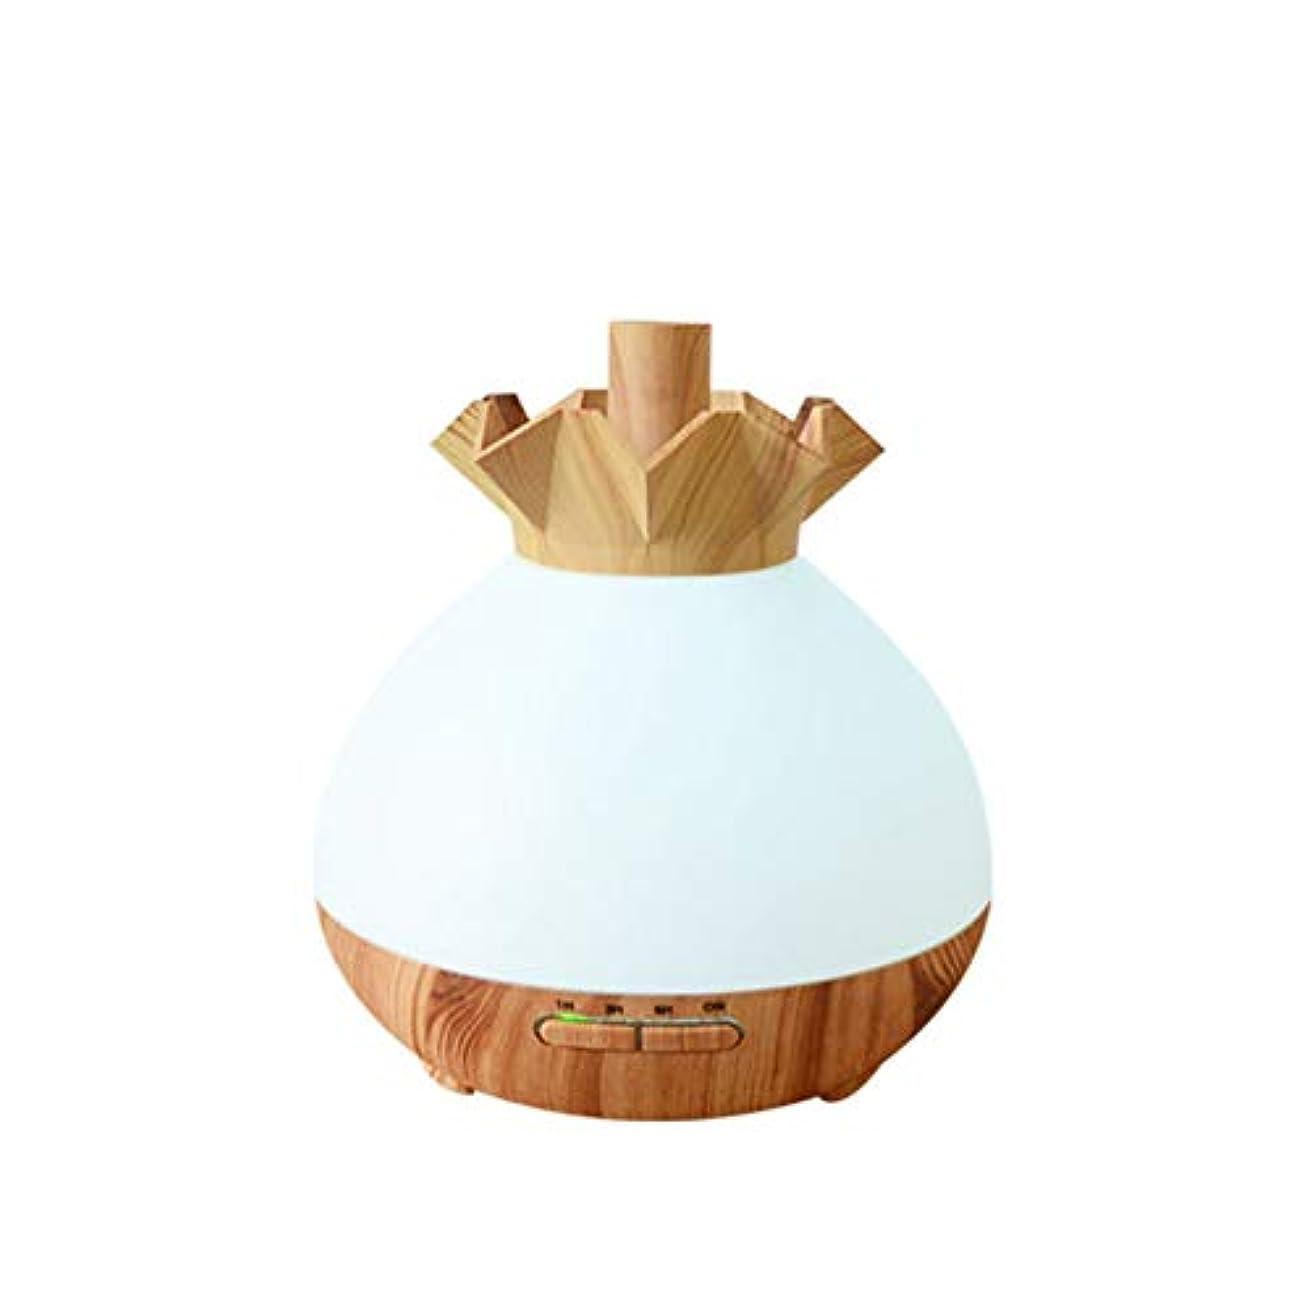 連想津波エスカレートWifiアプリコントロール 涼しい霧 加湿器,7 色 木目 空気を浄化 加湿機 プレミアム サイレント 精油 ディフューザー アロマネブライザー ベッド- 400ml